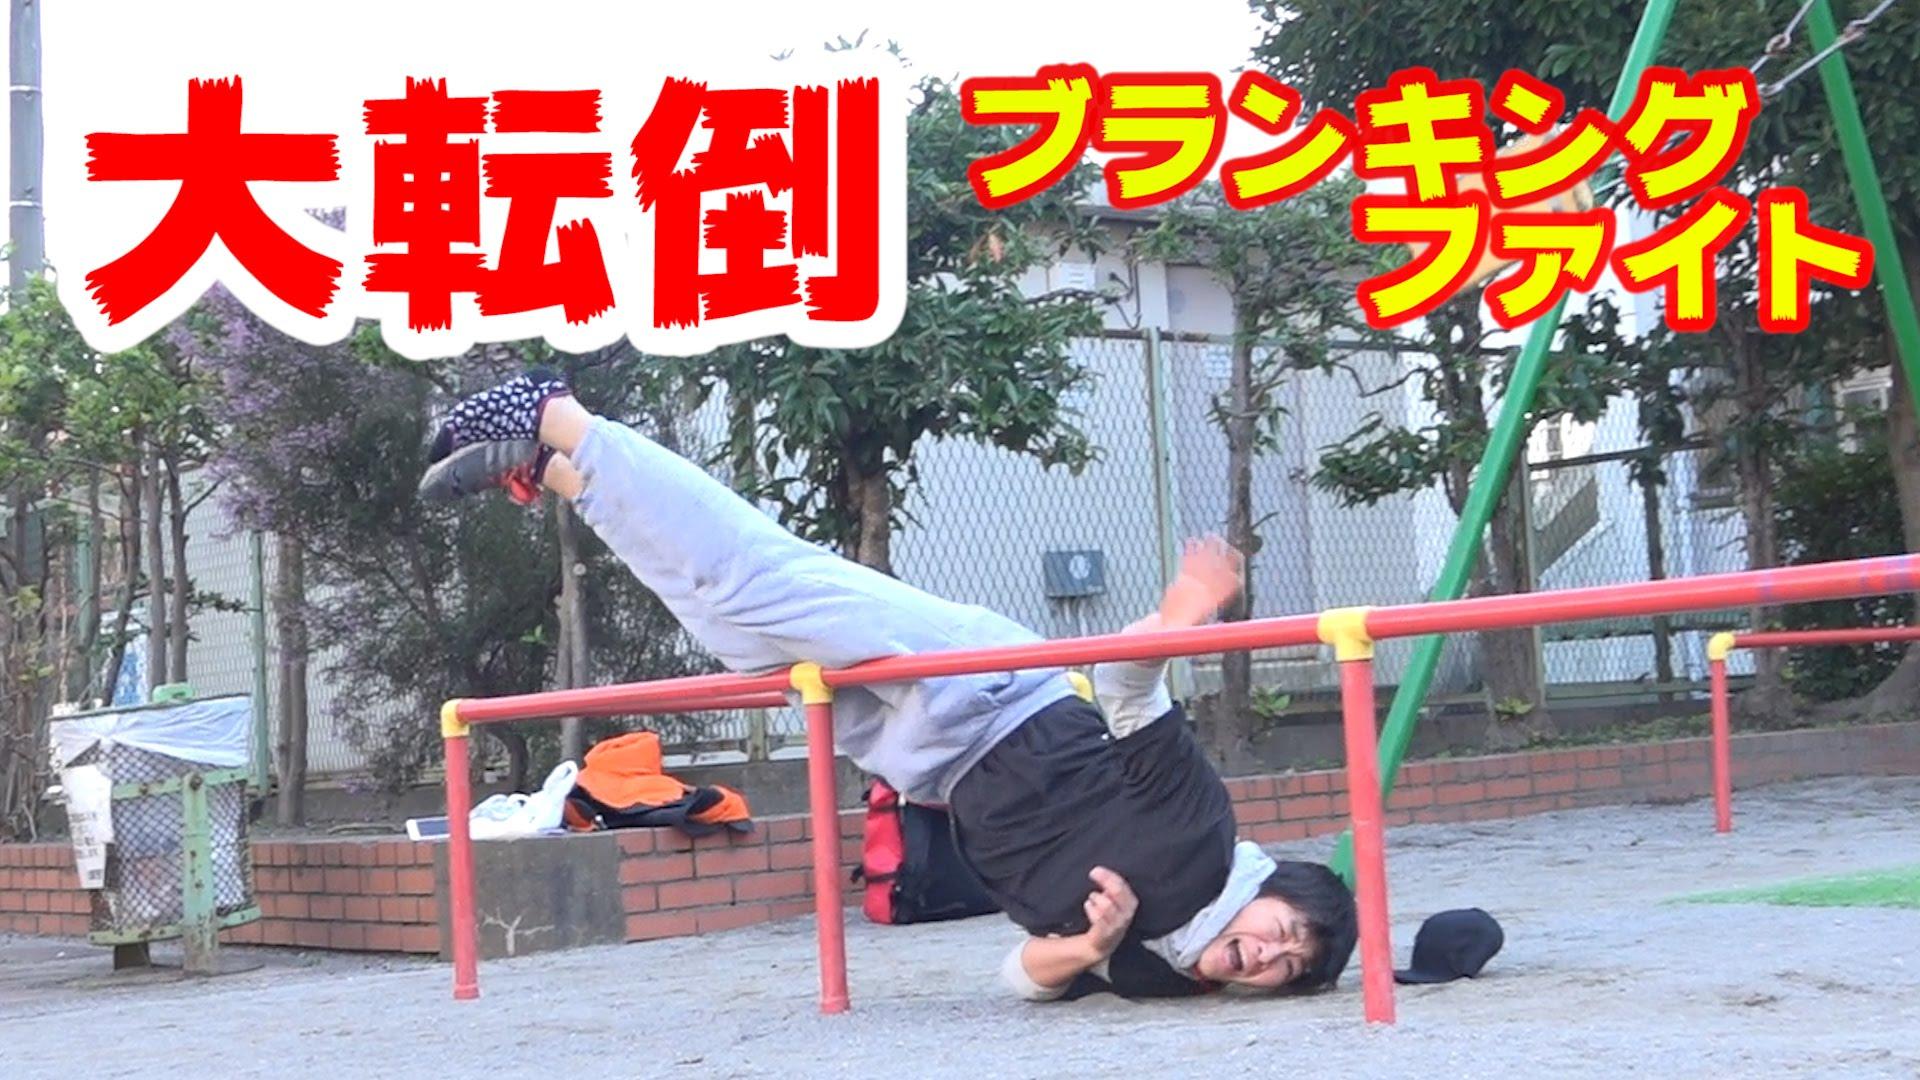 【大事故】ブランキングファイトで覚悟の大ジャンプ!!